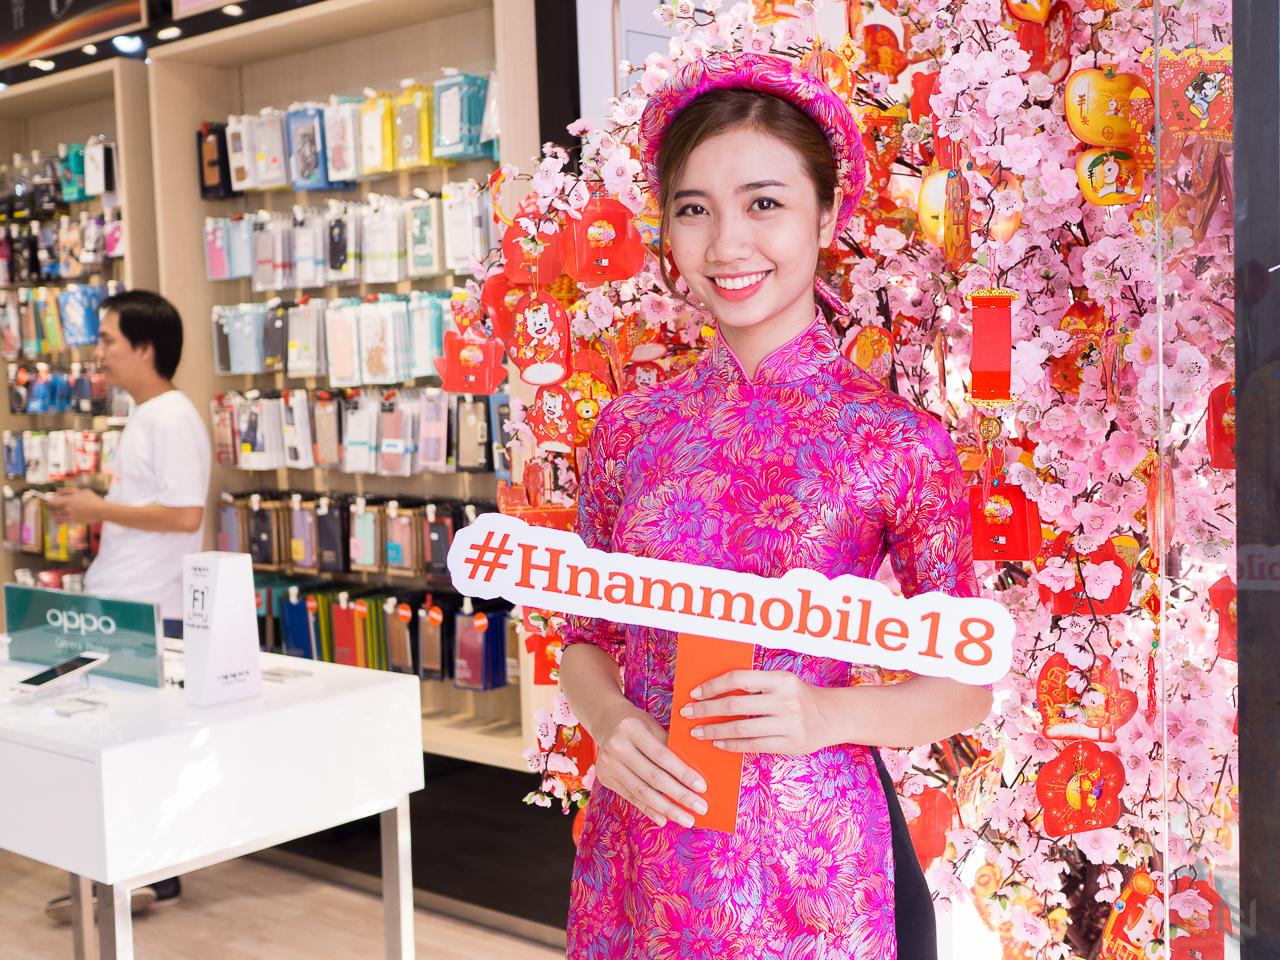 Hnam Mobile 18 tưng bừng khai trương, đổi nhận diện thương hiệu